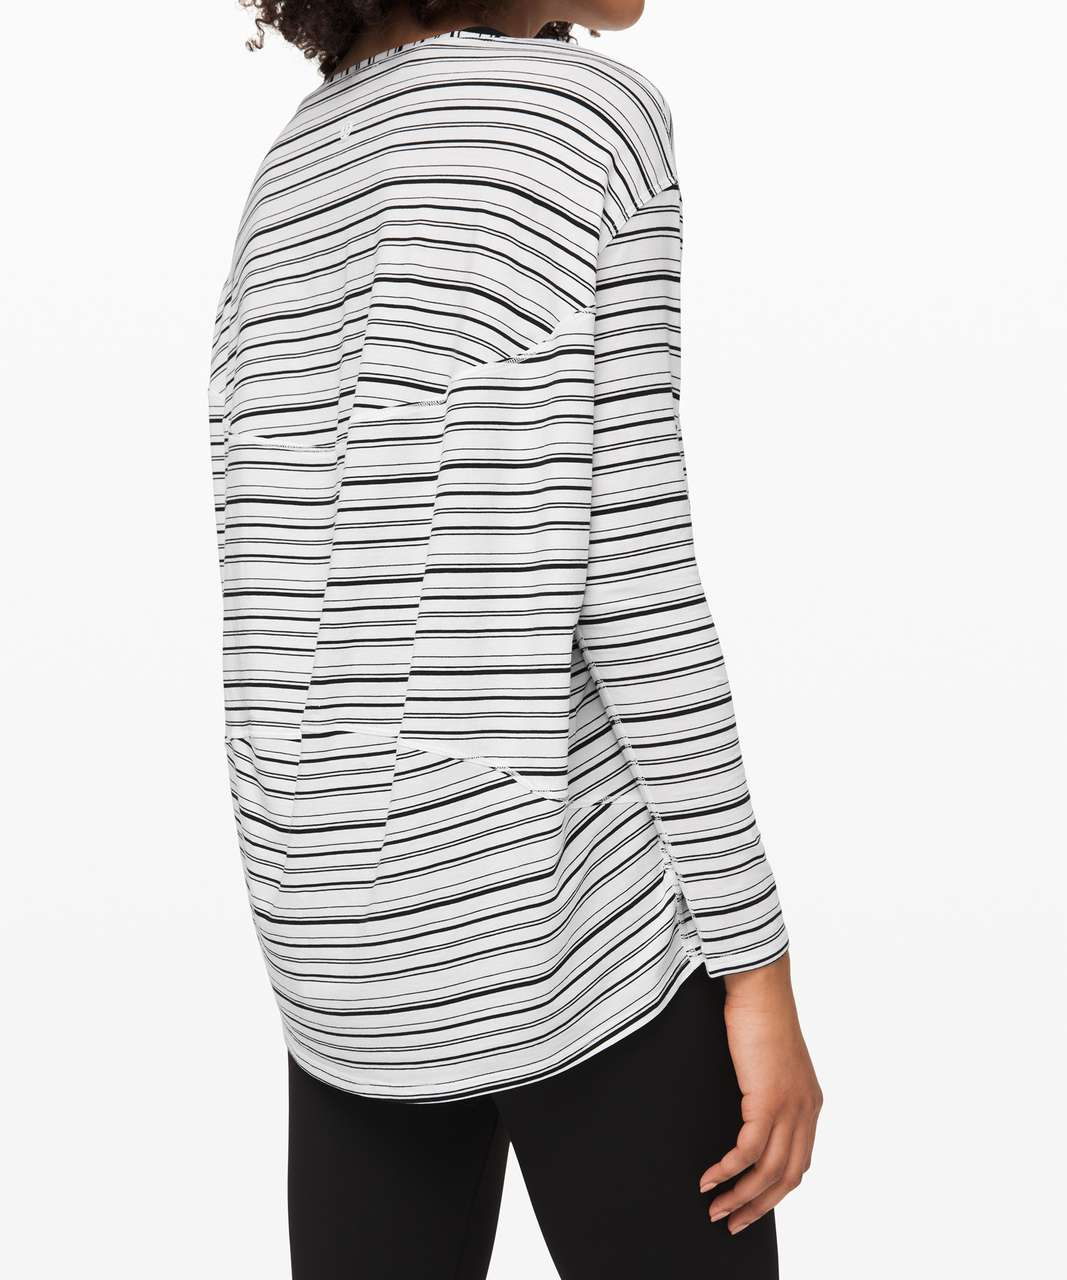 Lululemon Back In Action Long Sleeve - Cut Back Stripe White Black